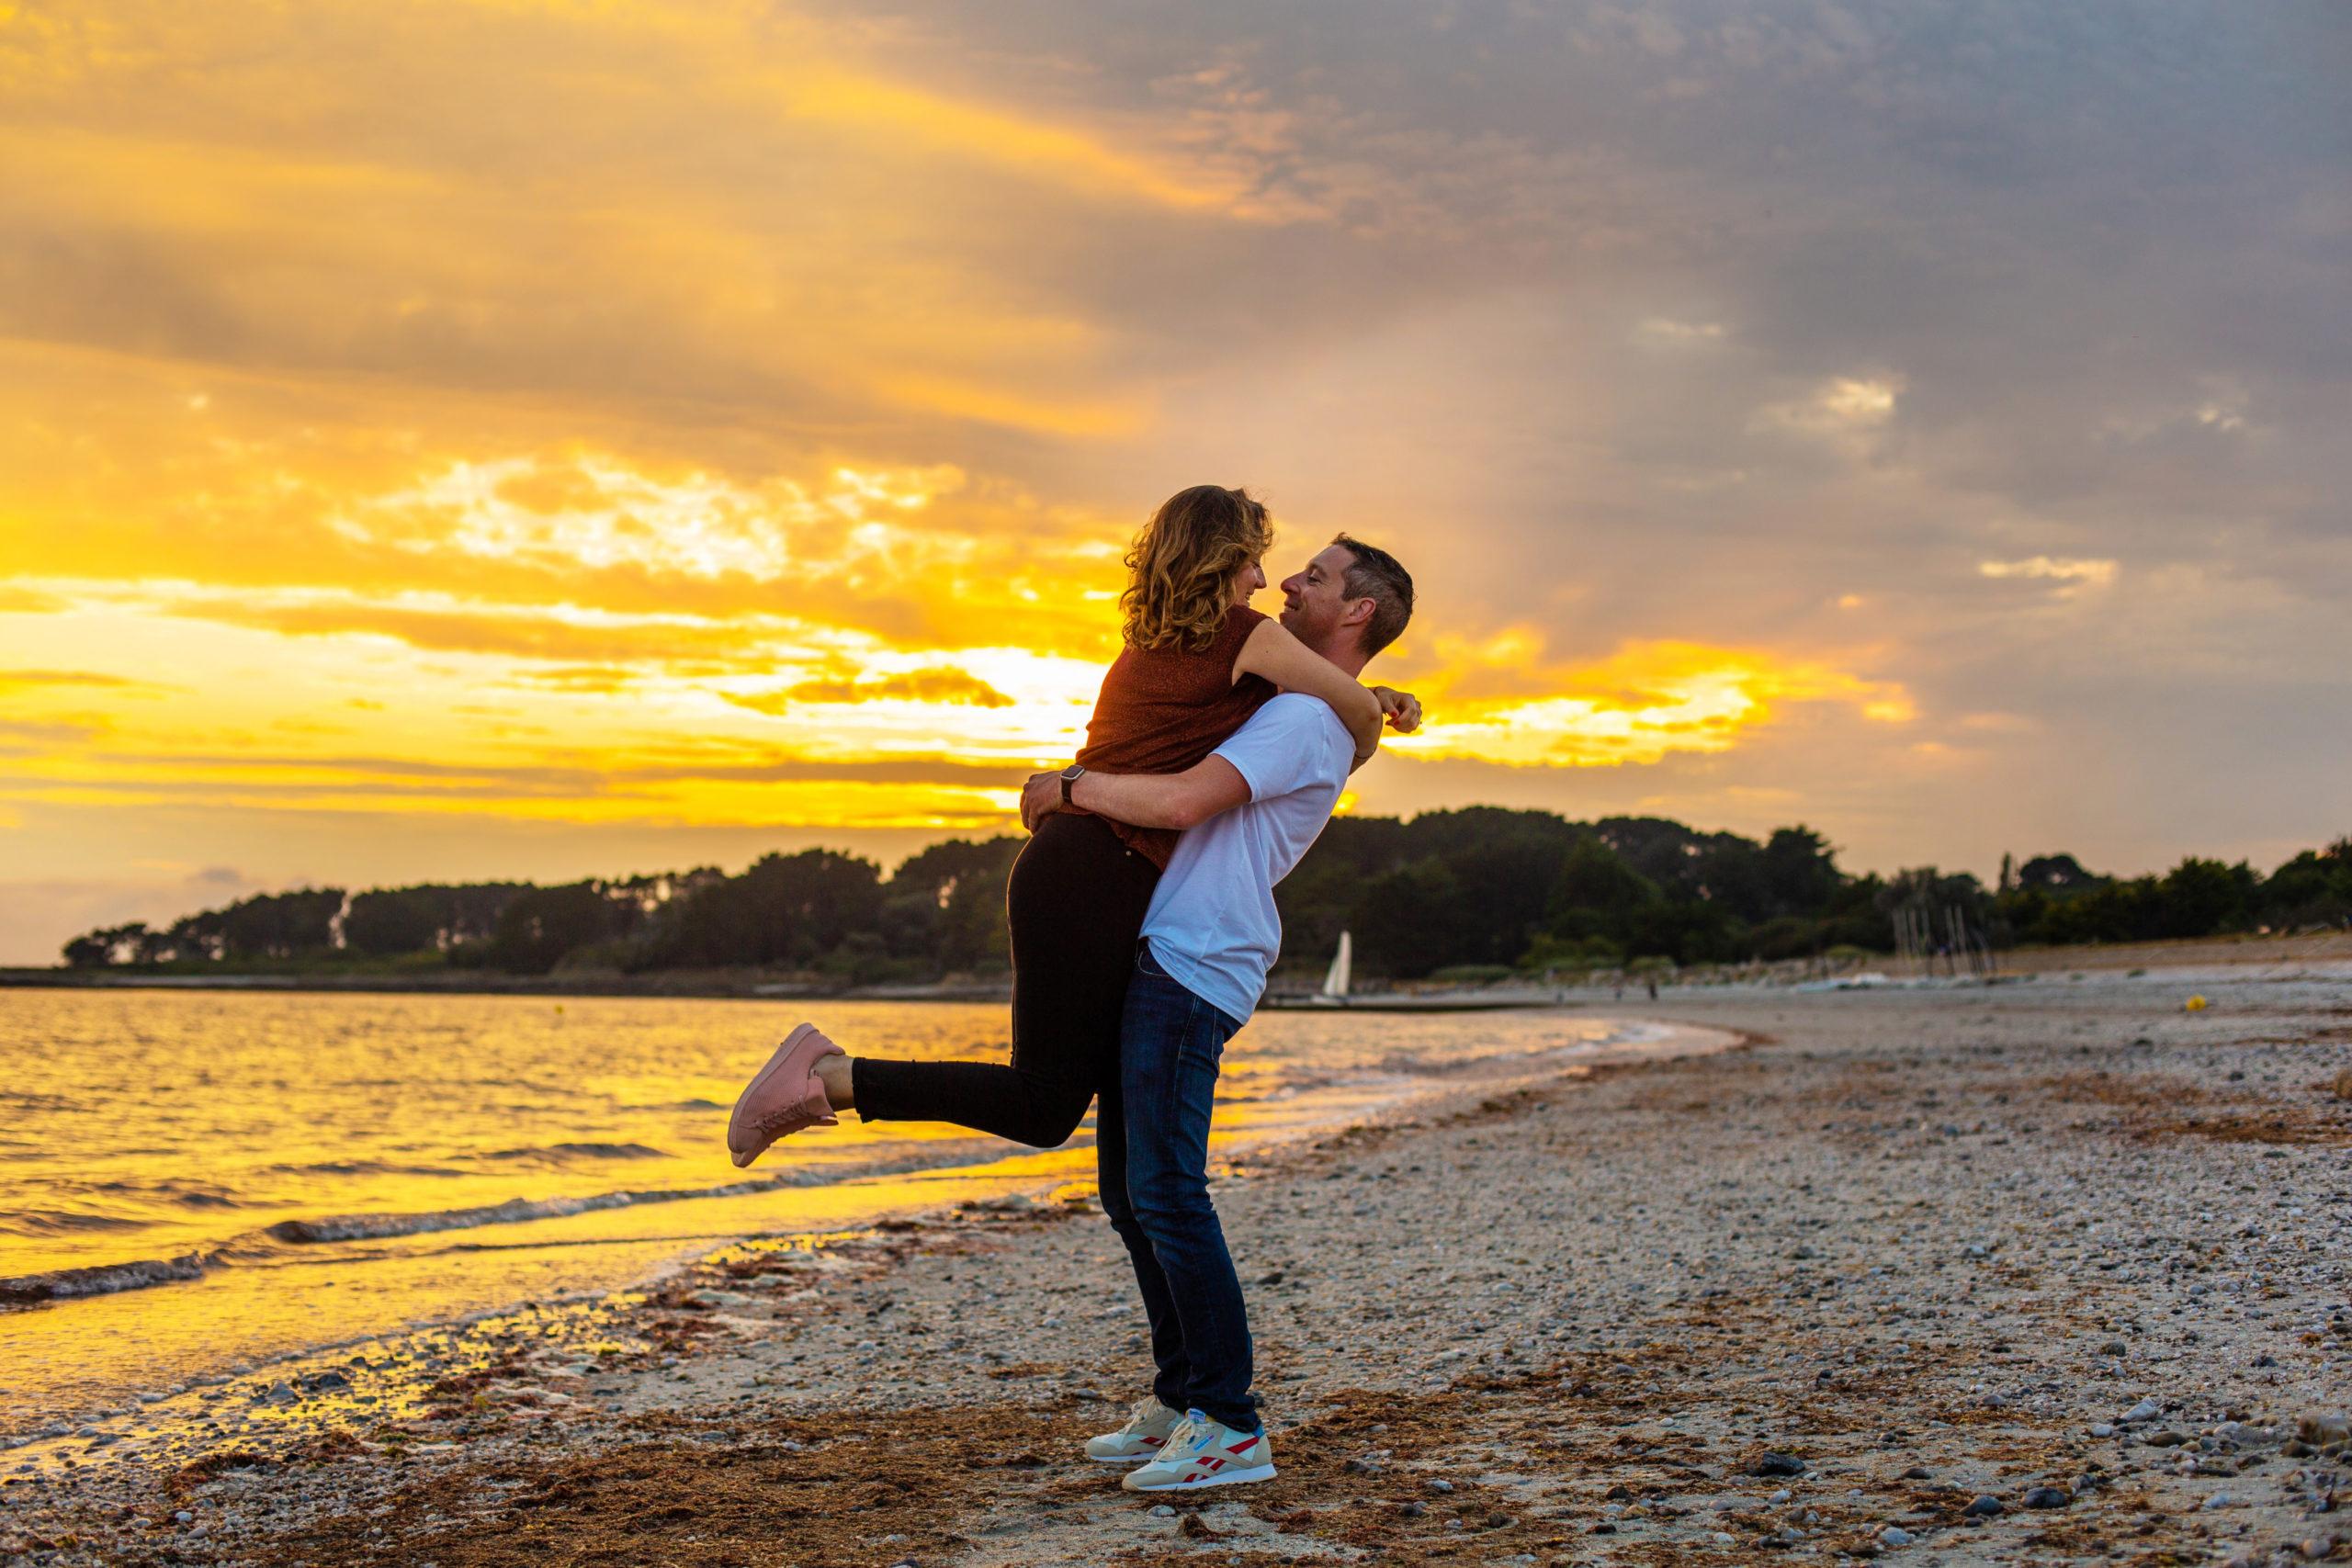 Une femme se jetant dans les bras de son homme sur la plage pendant le coucher de soleil